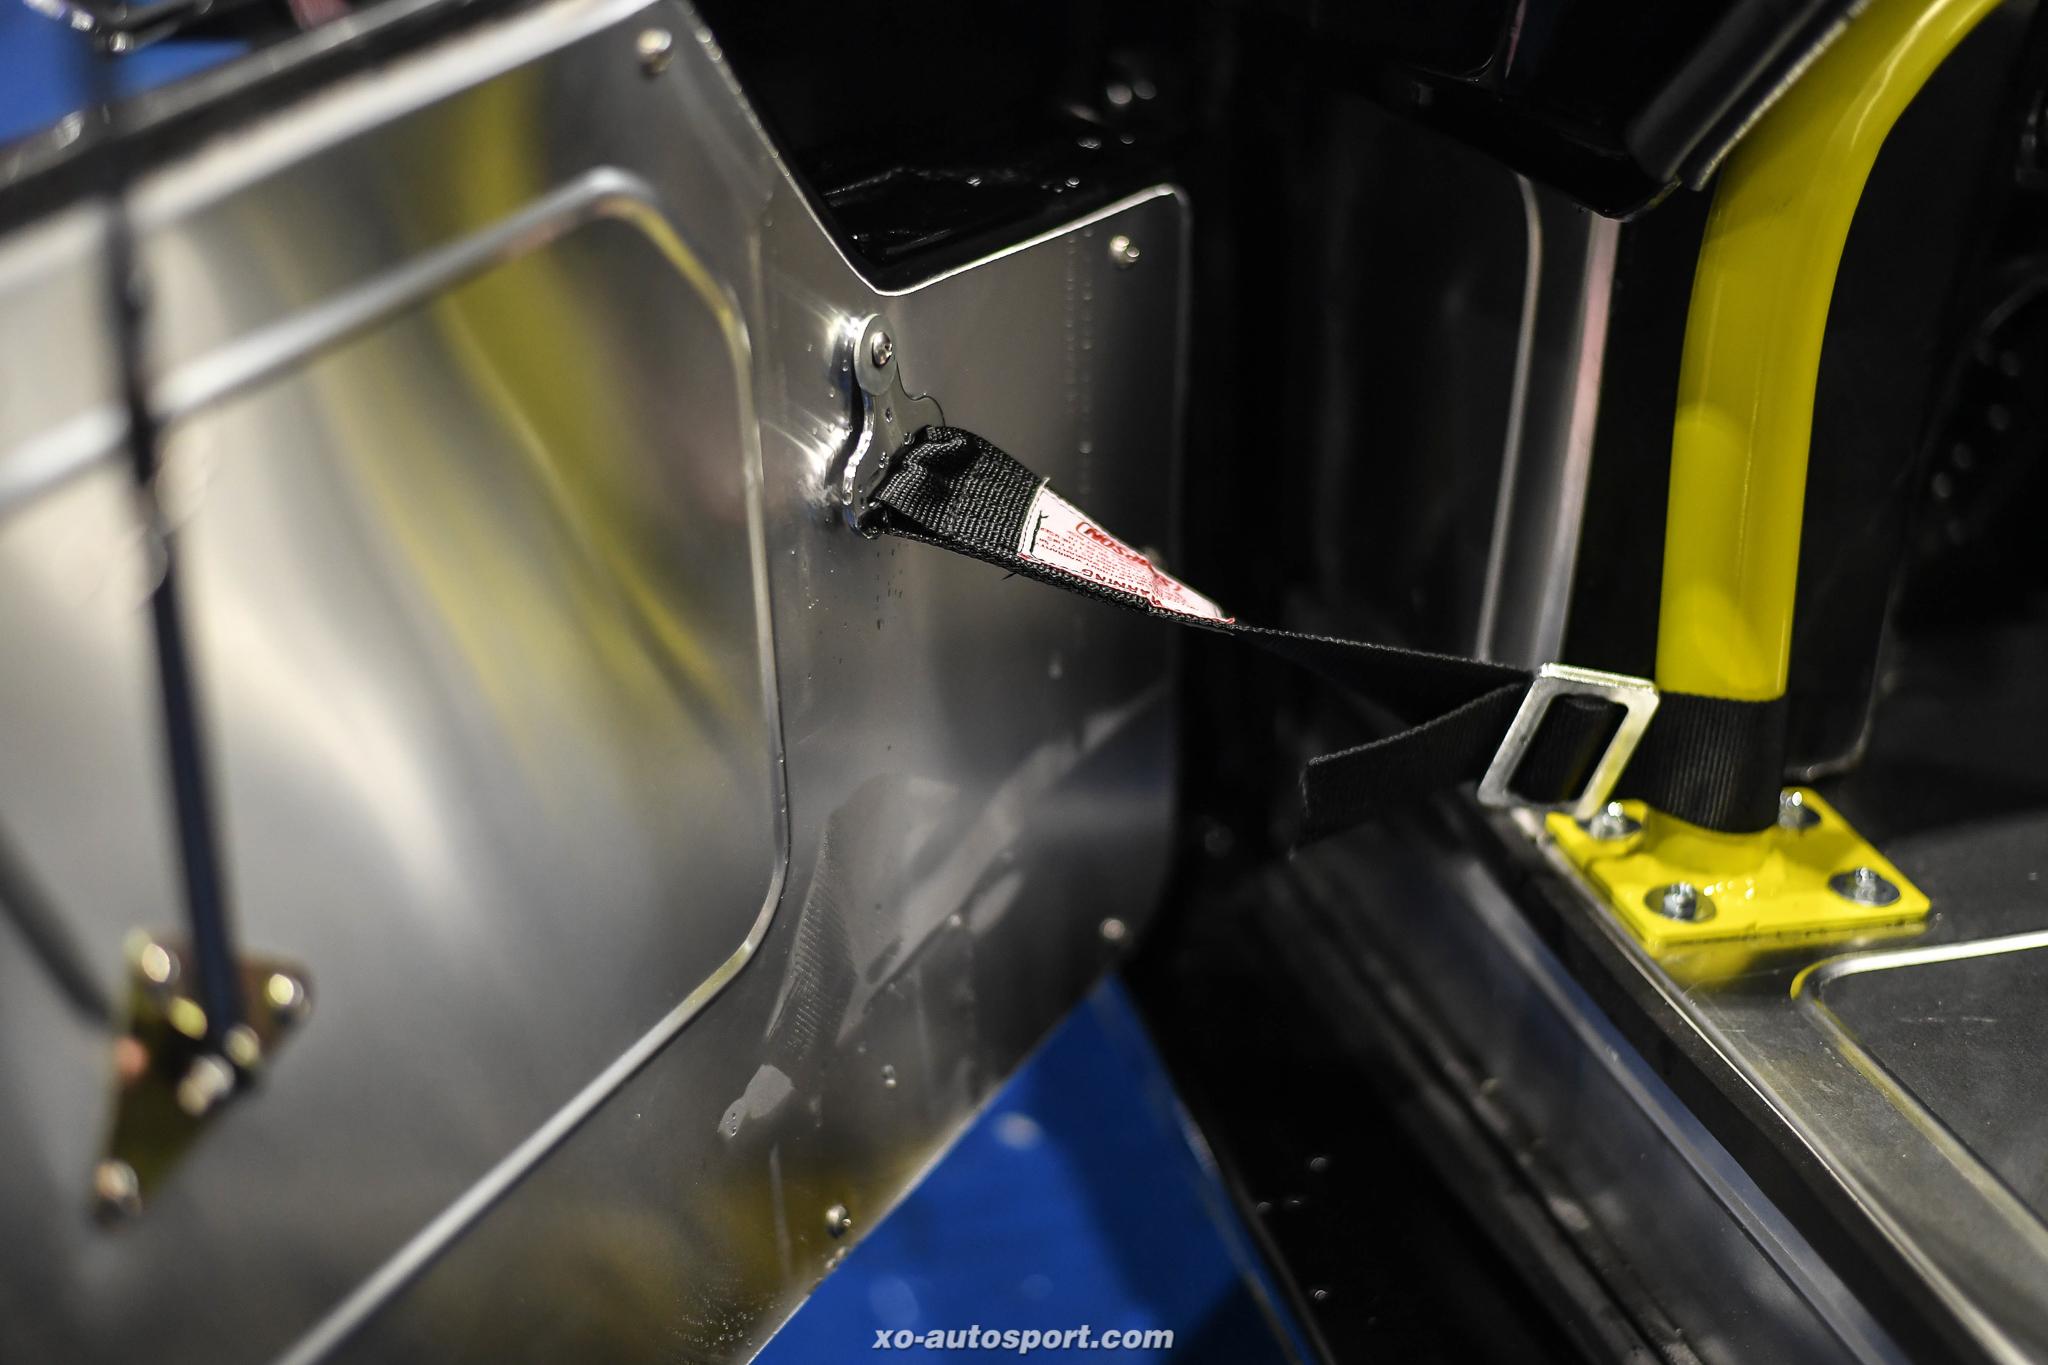 LB WORKS LAMBORGHINI MIURA Replica from FORD GT40 19